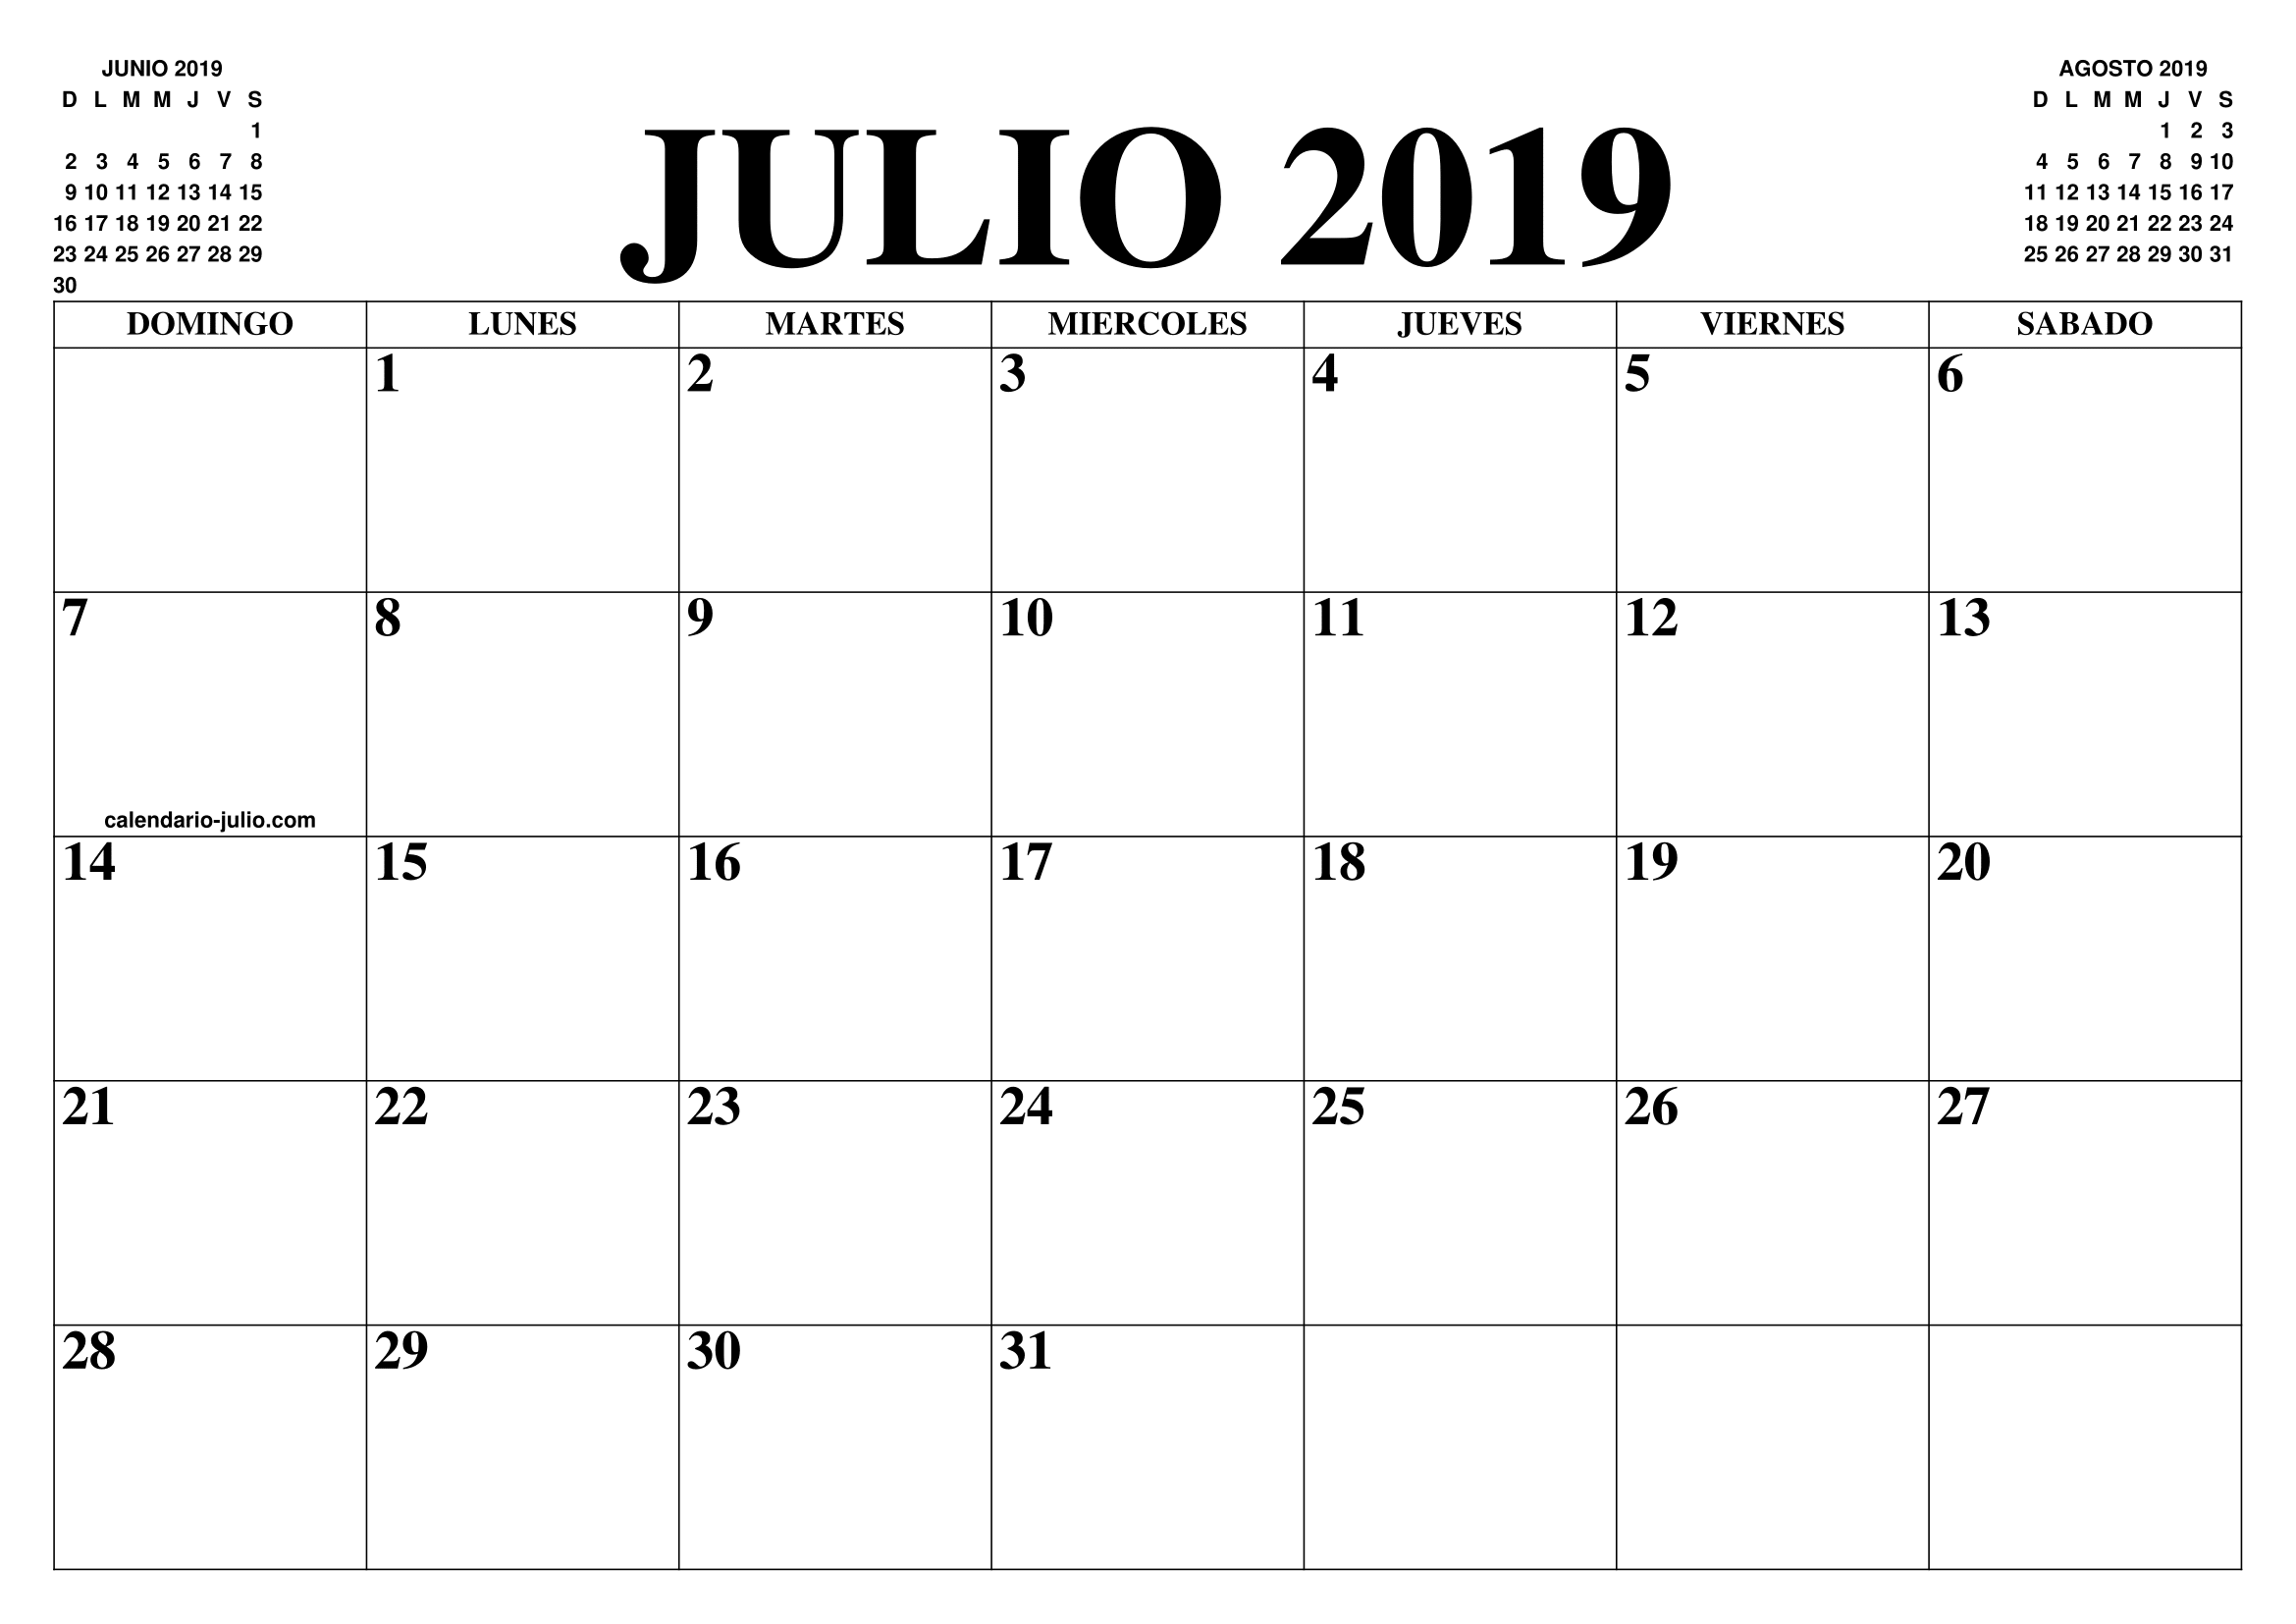 Julio Calendario.Calendario Julio 2019 2020 El Calendario Julio 2019 2020 Para